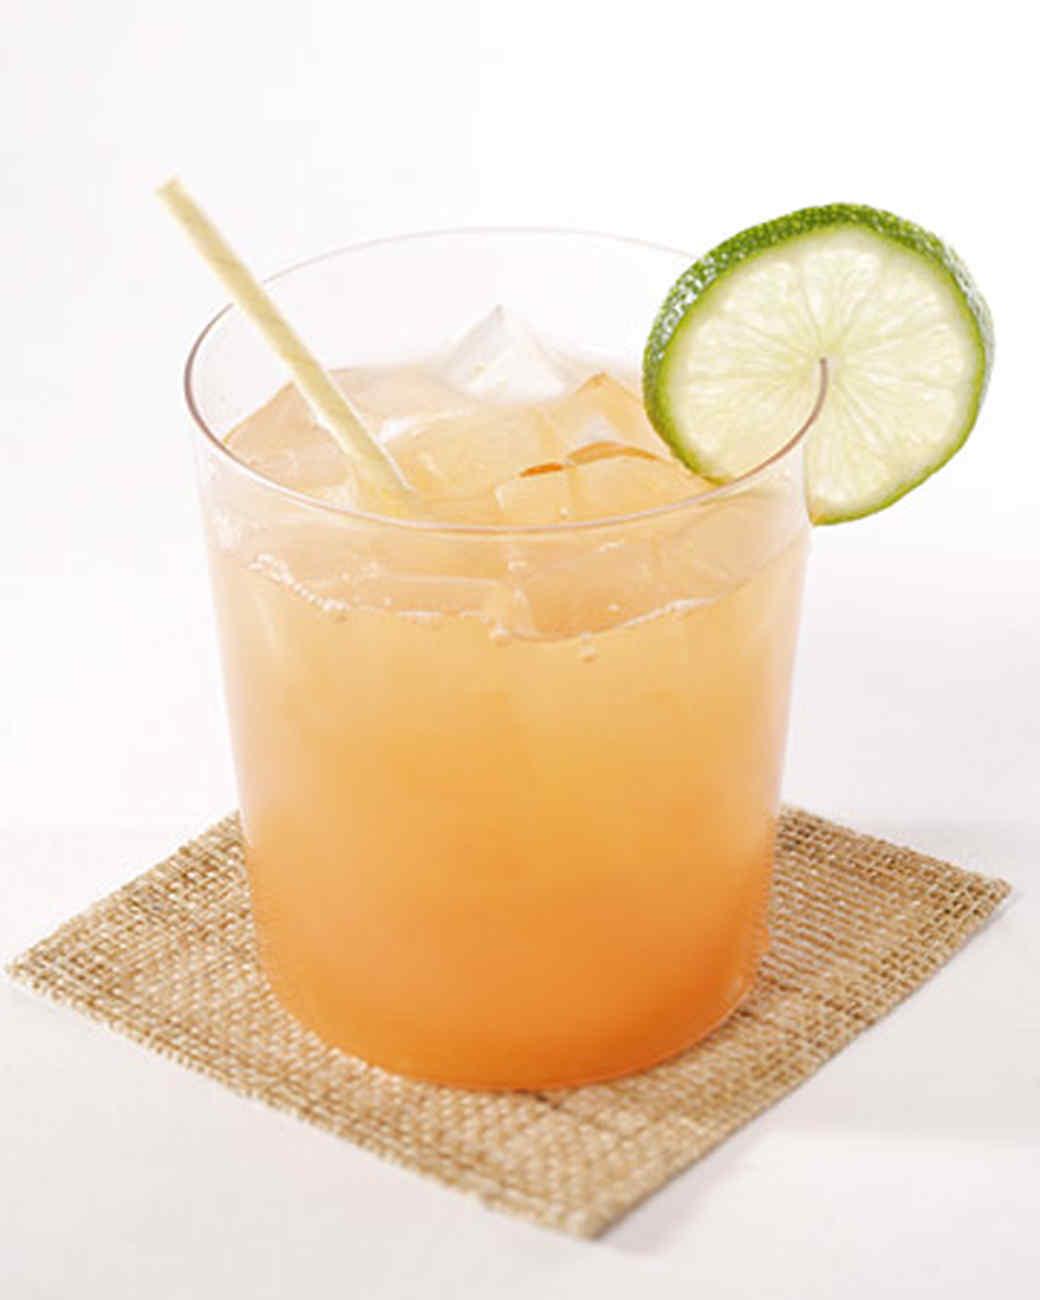 Rum Punch Recipe & Video